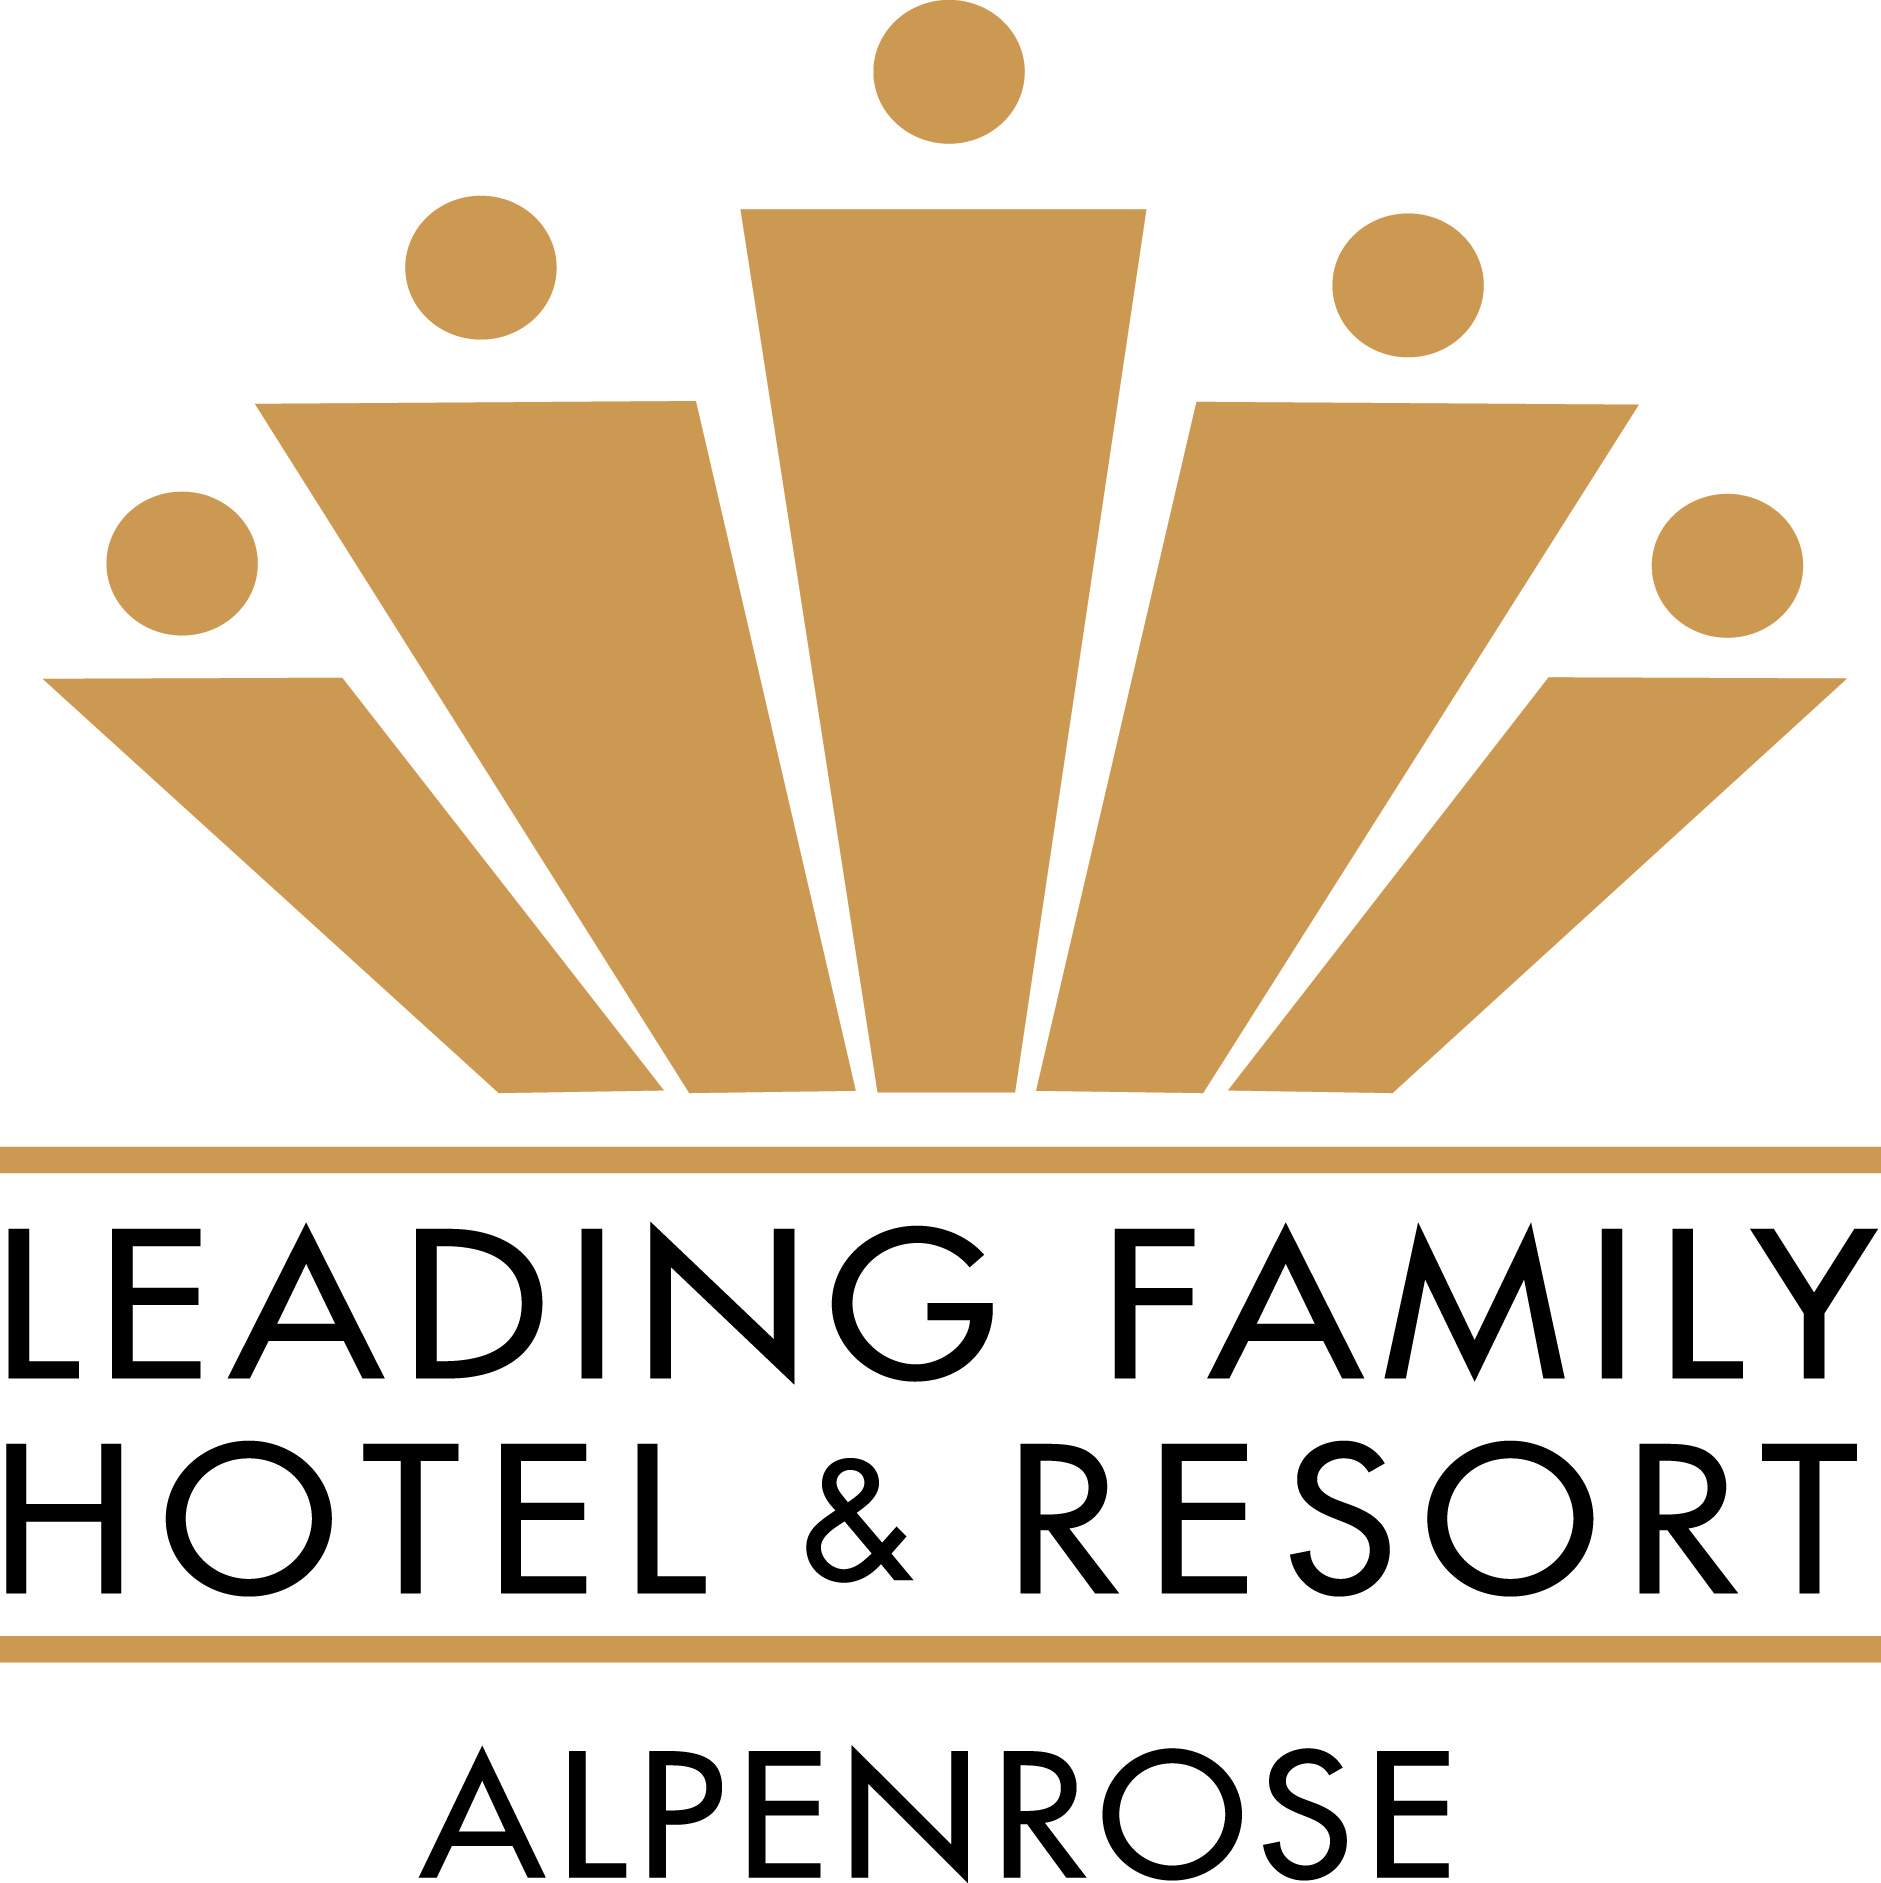 Alpenrose_Leading